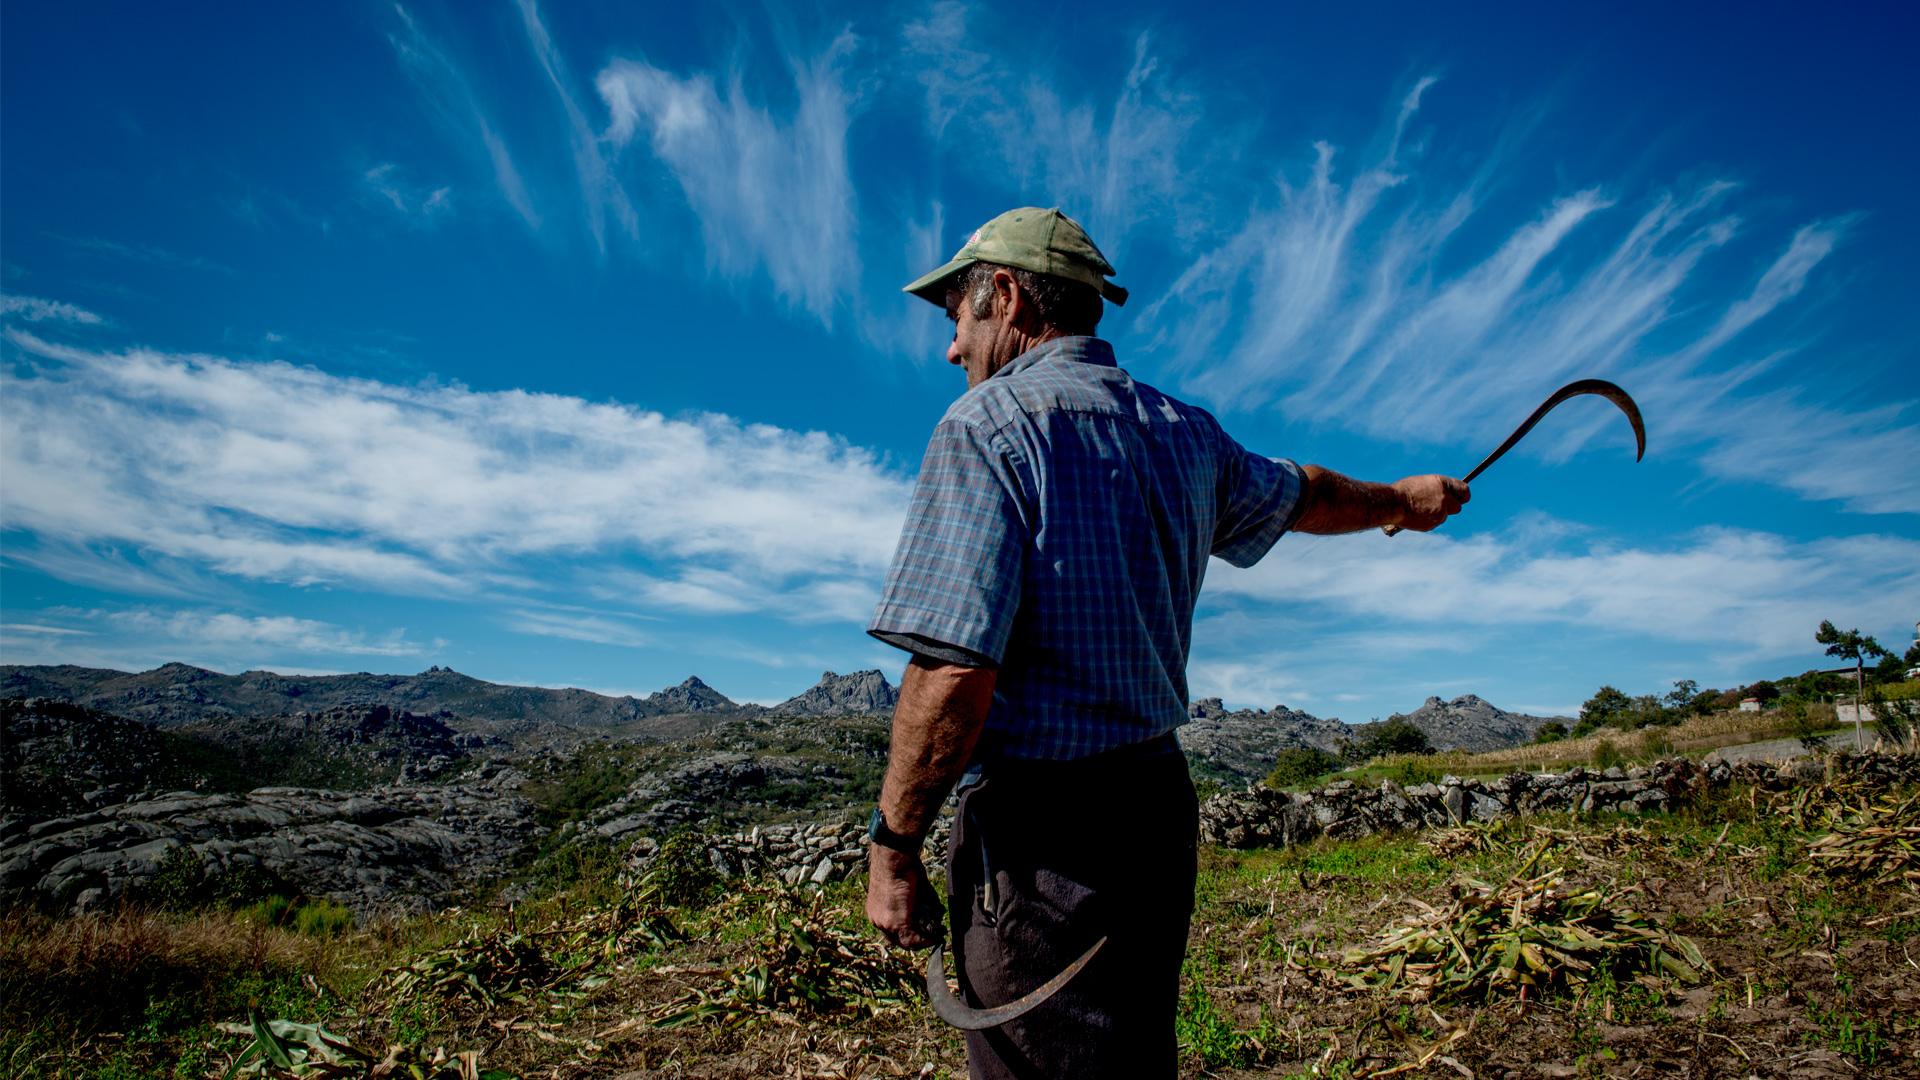 Agricultor com foice na mão